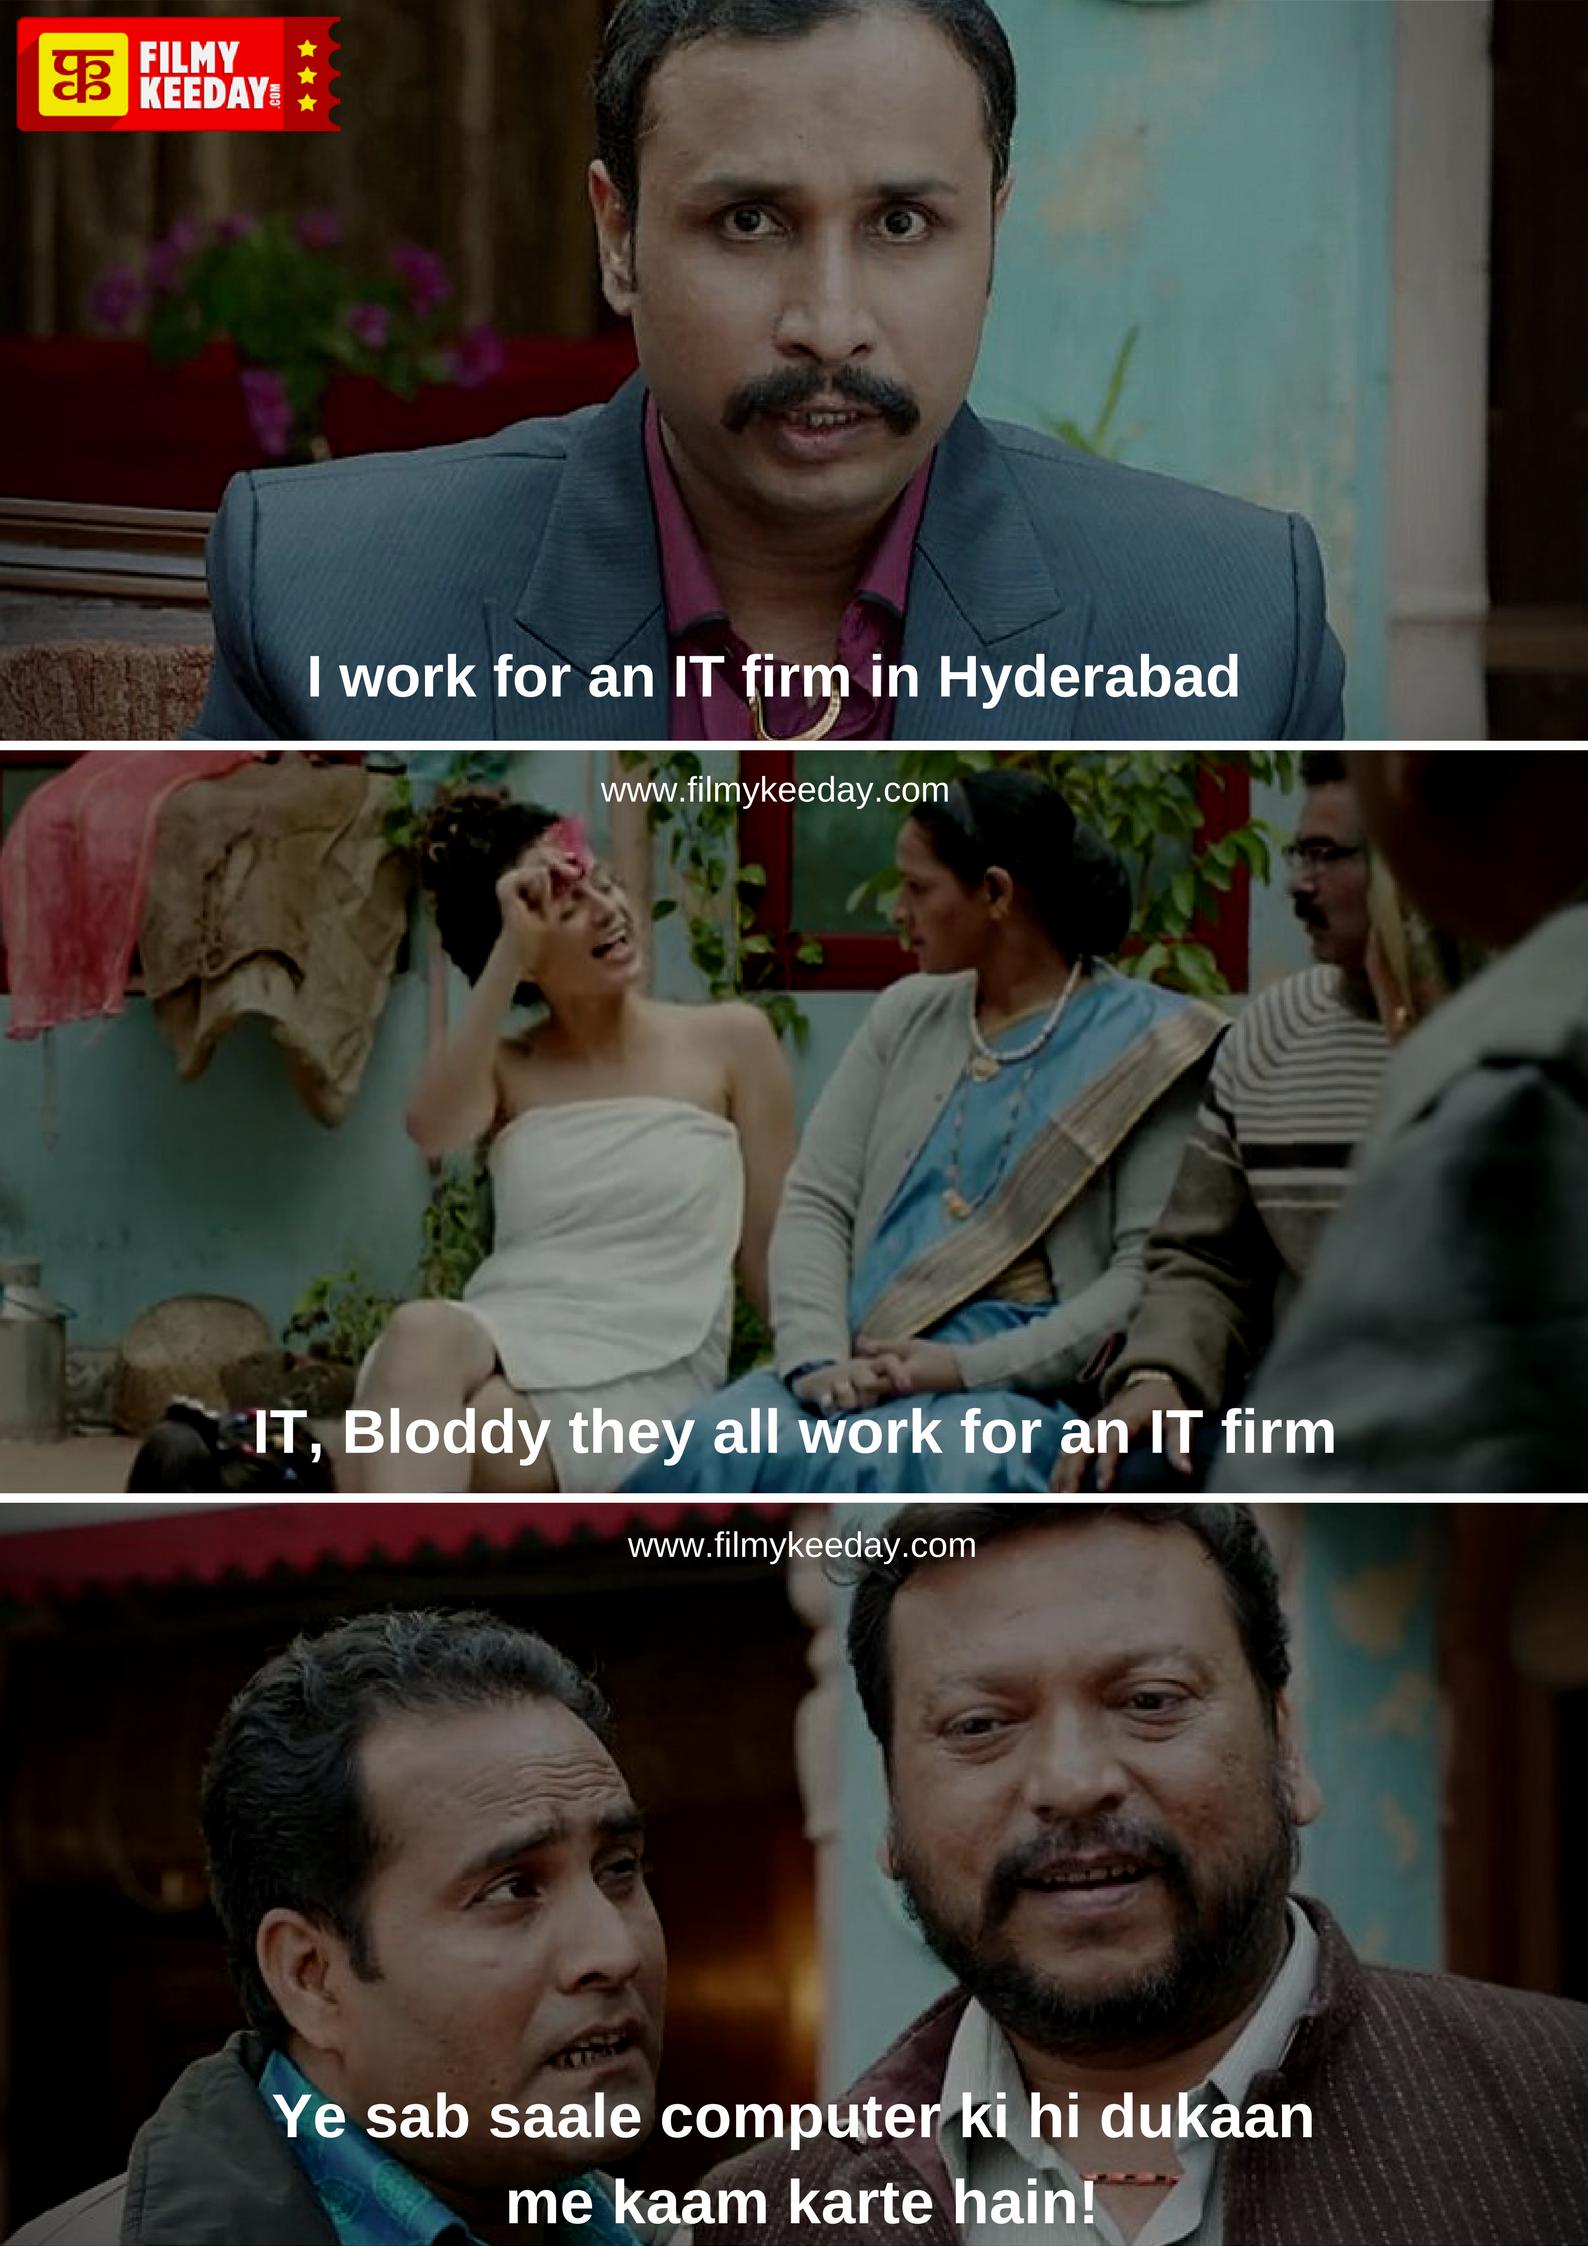 Tanu Weds Manu Returns Dialogues And Funny Conversations Bollywood Dialogues Tanu Weds Manu Returns Movie Dialogues Funny Conversations Funny Movies